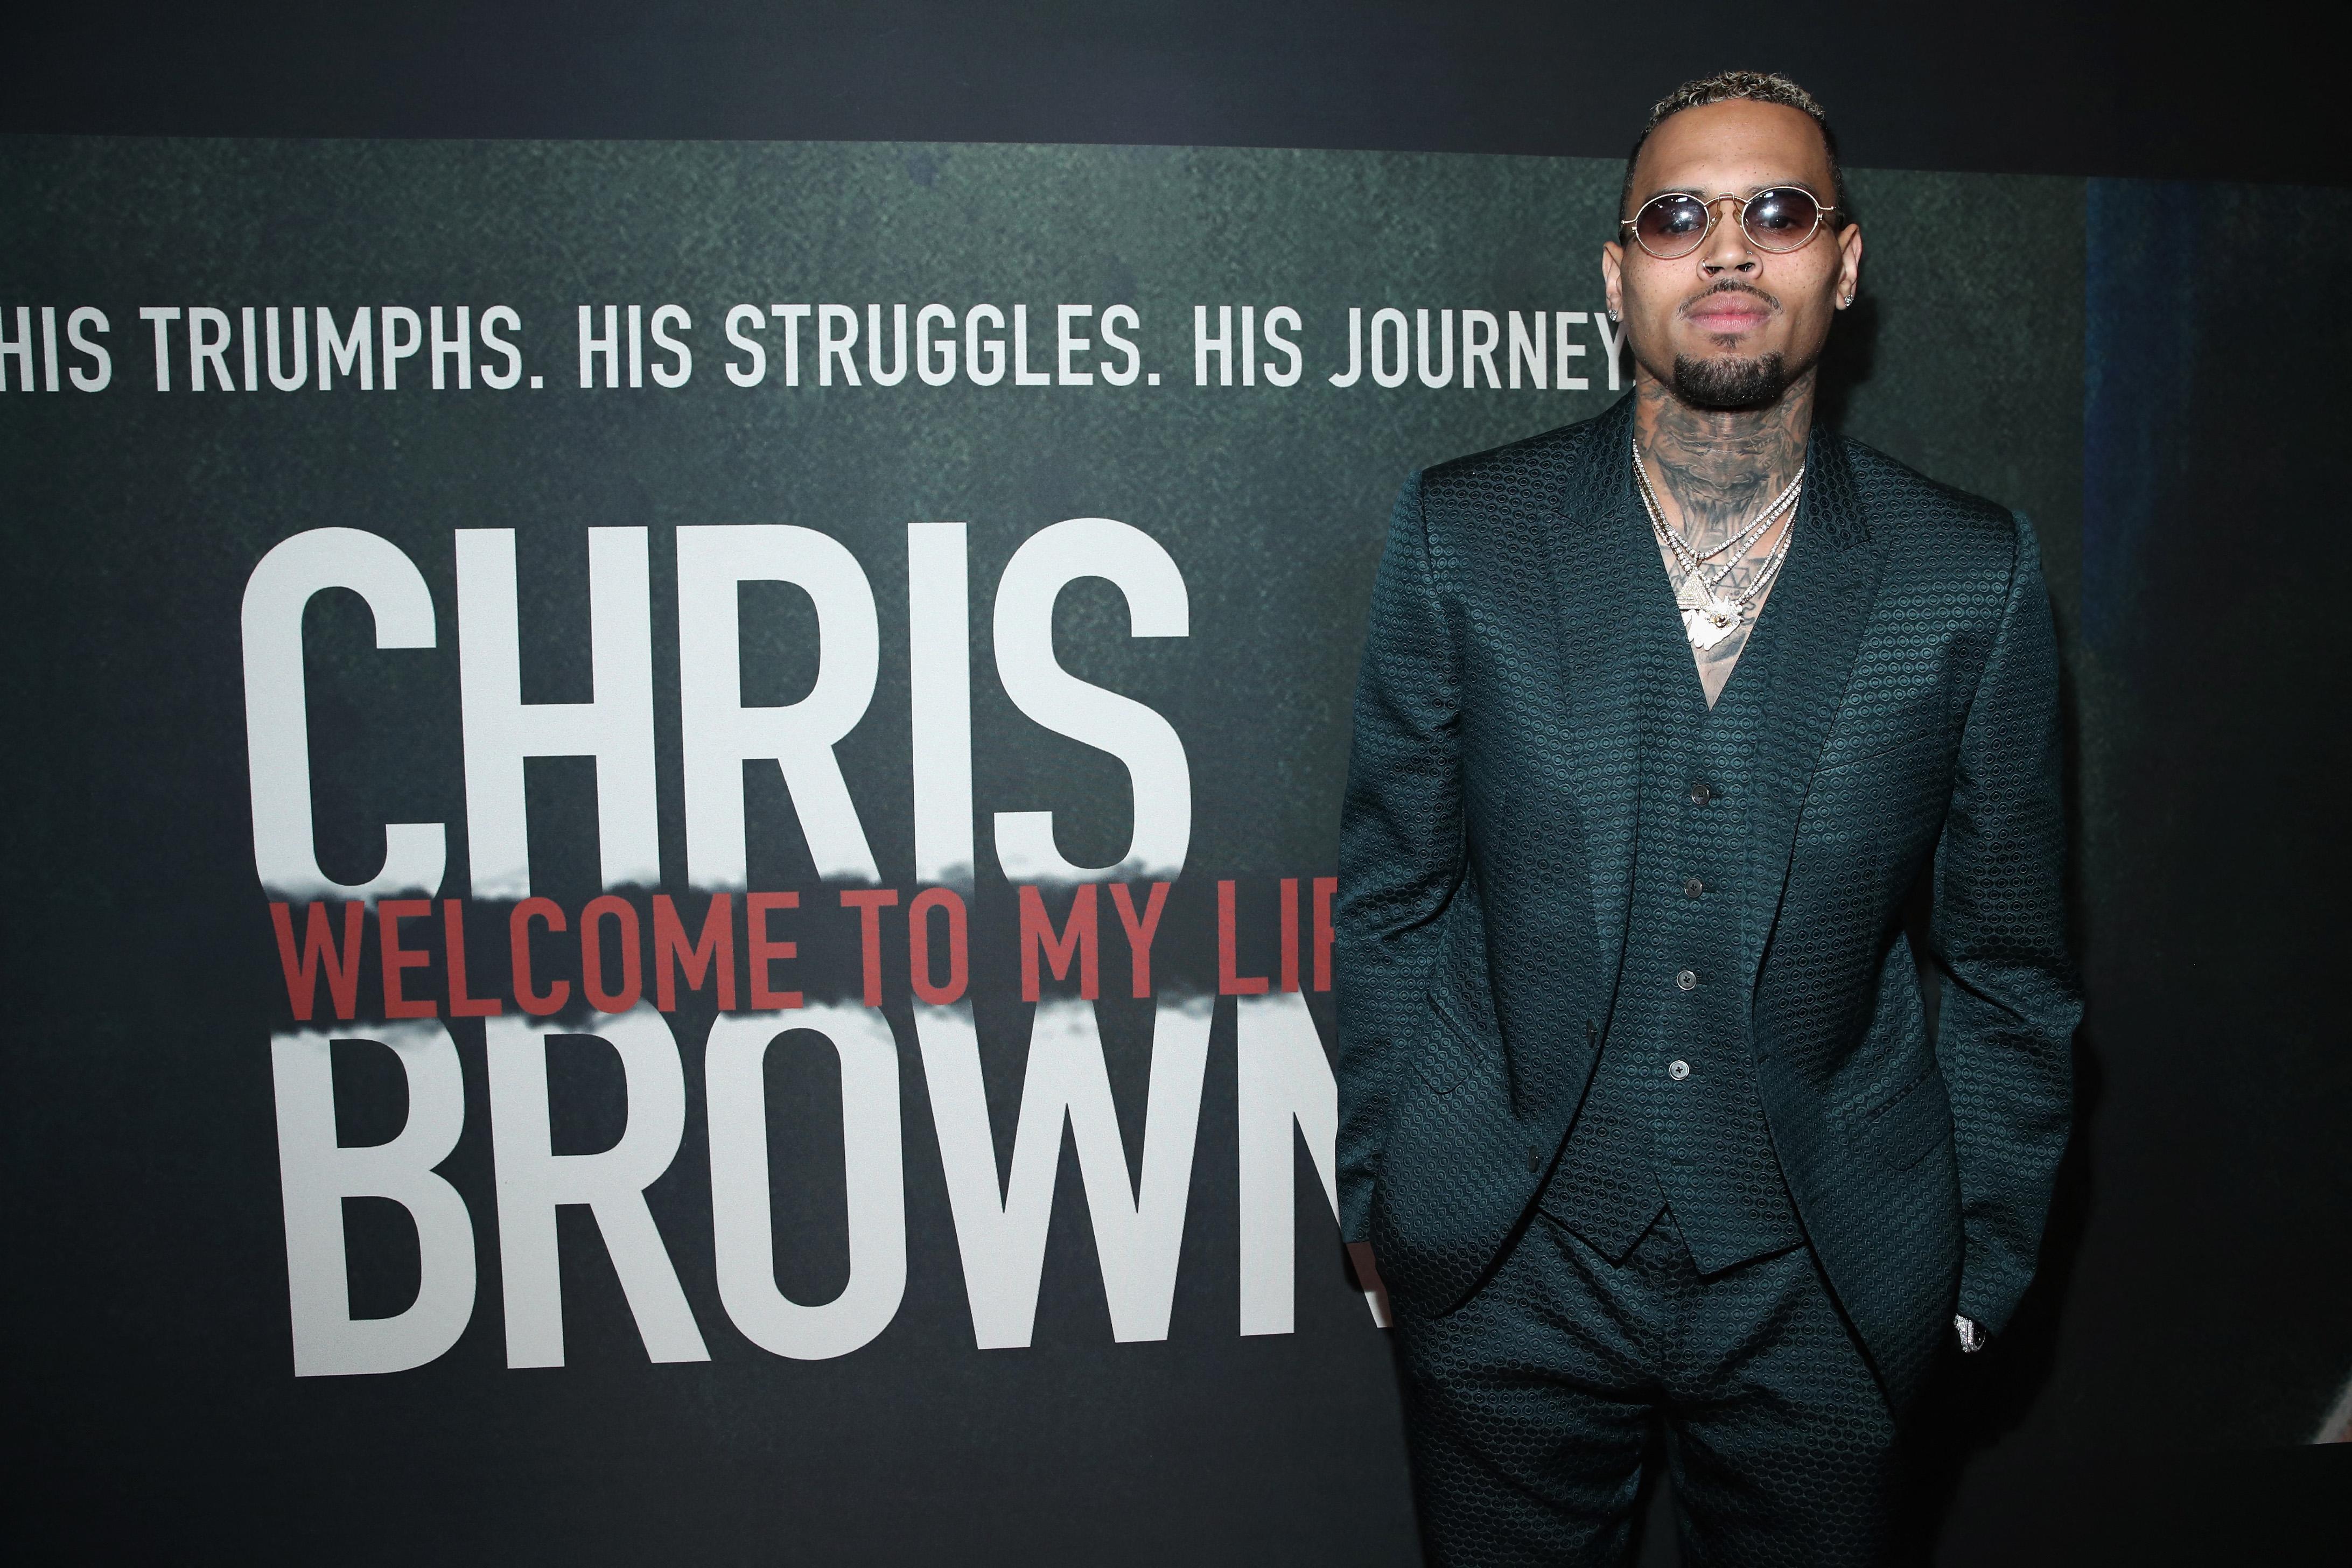 Chris Brownt ismét azzal vádolják, hogy megütött egy nőt